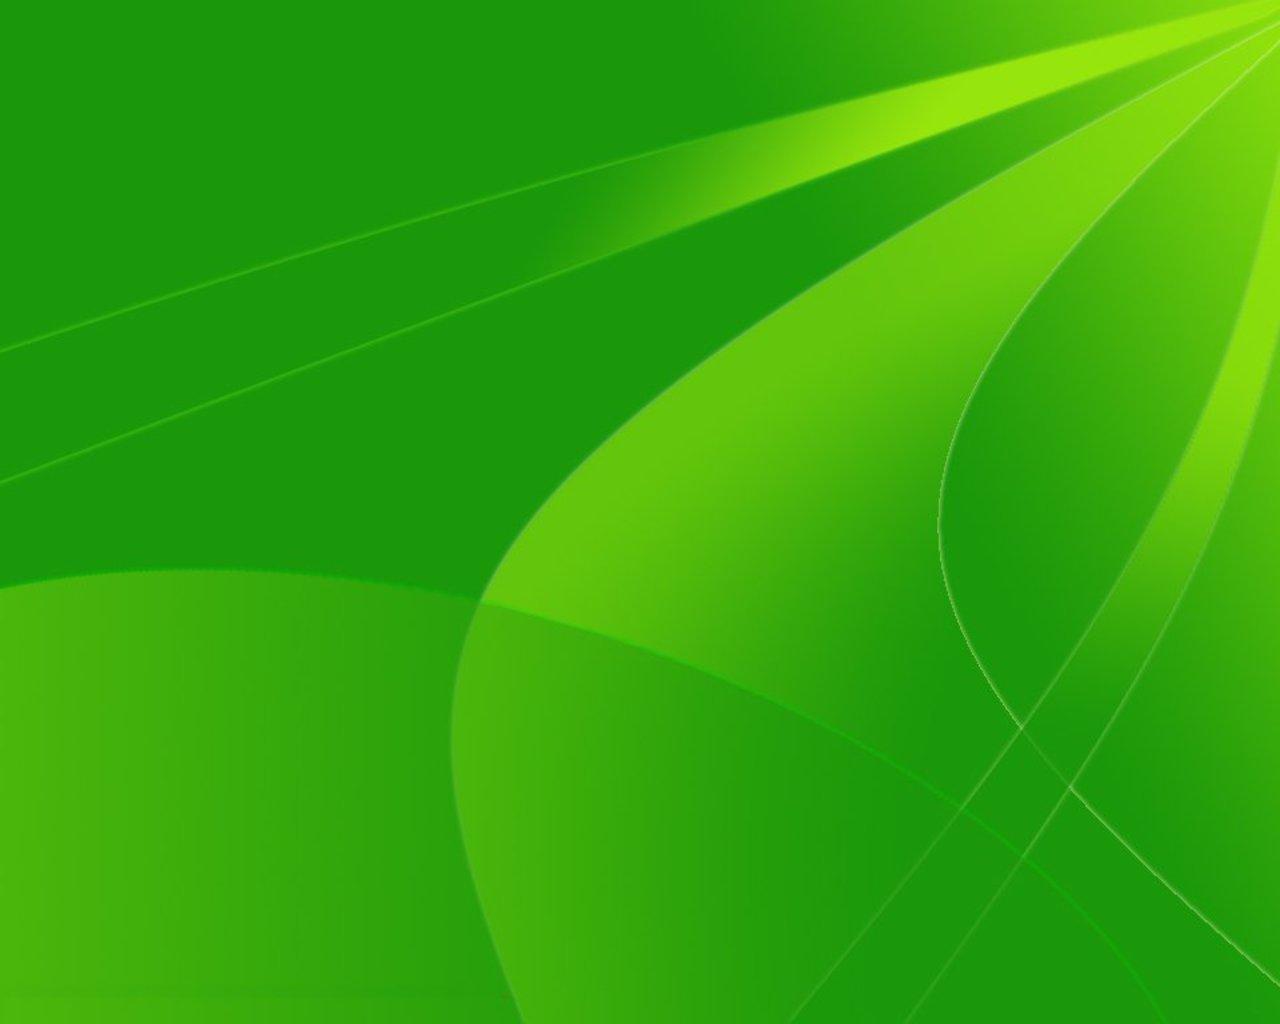 Кризис, как на зеленый фон наложить картинку